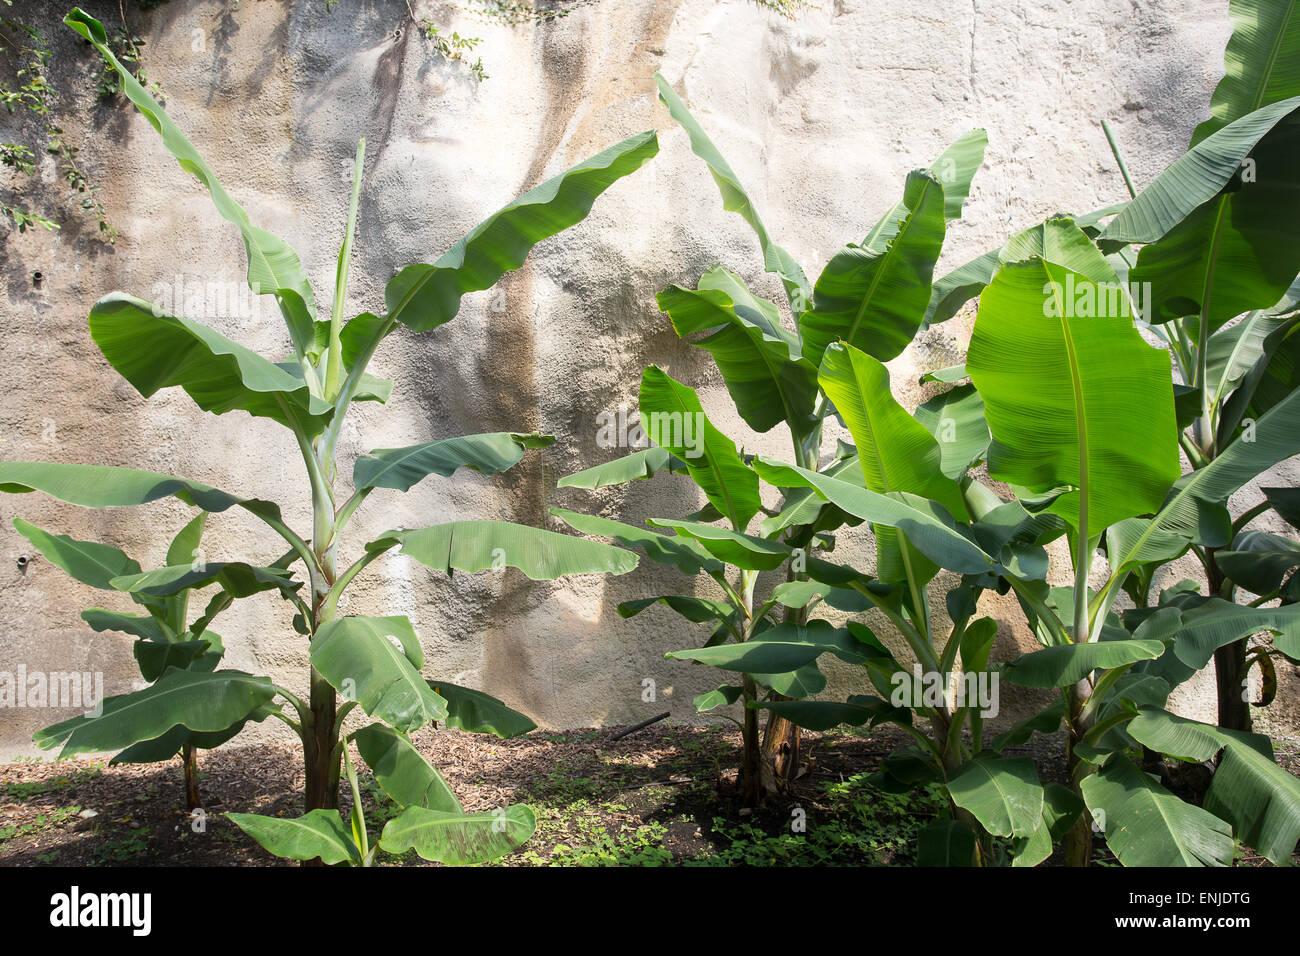 Arbre à caoutchouc éclairées par la photosynthèse foliaire rock Photo Stock